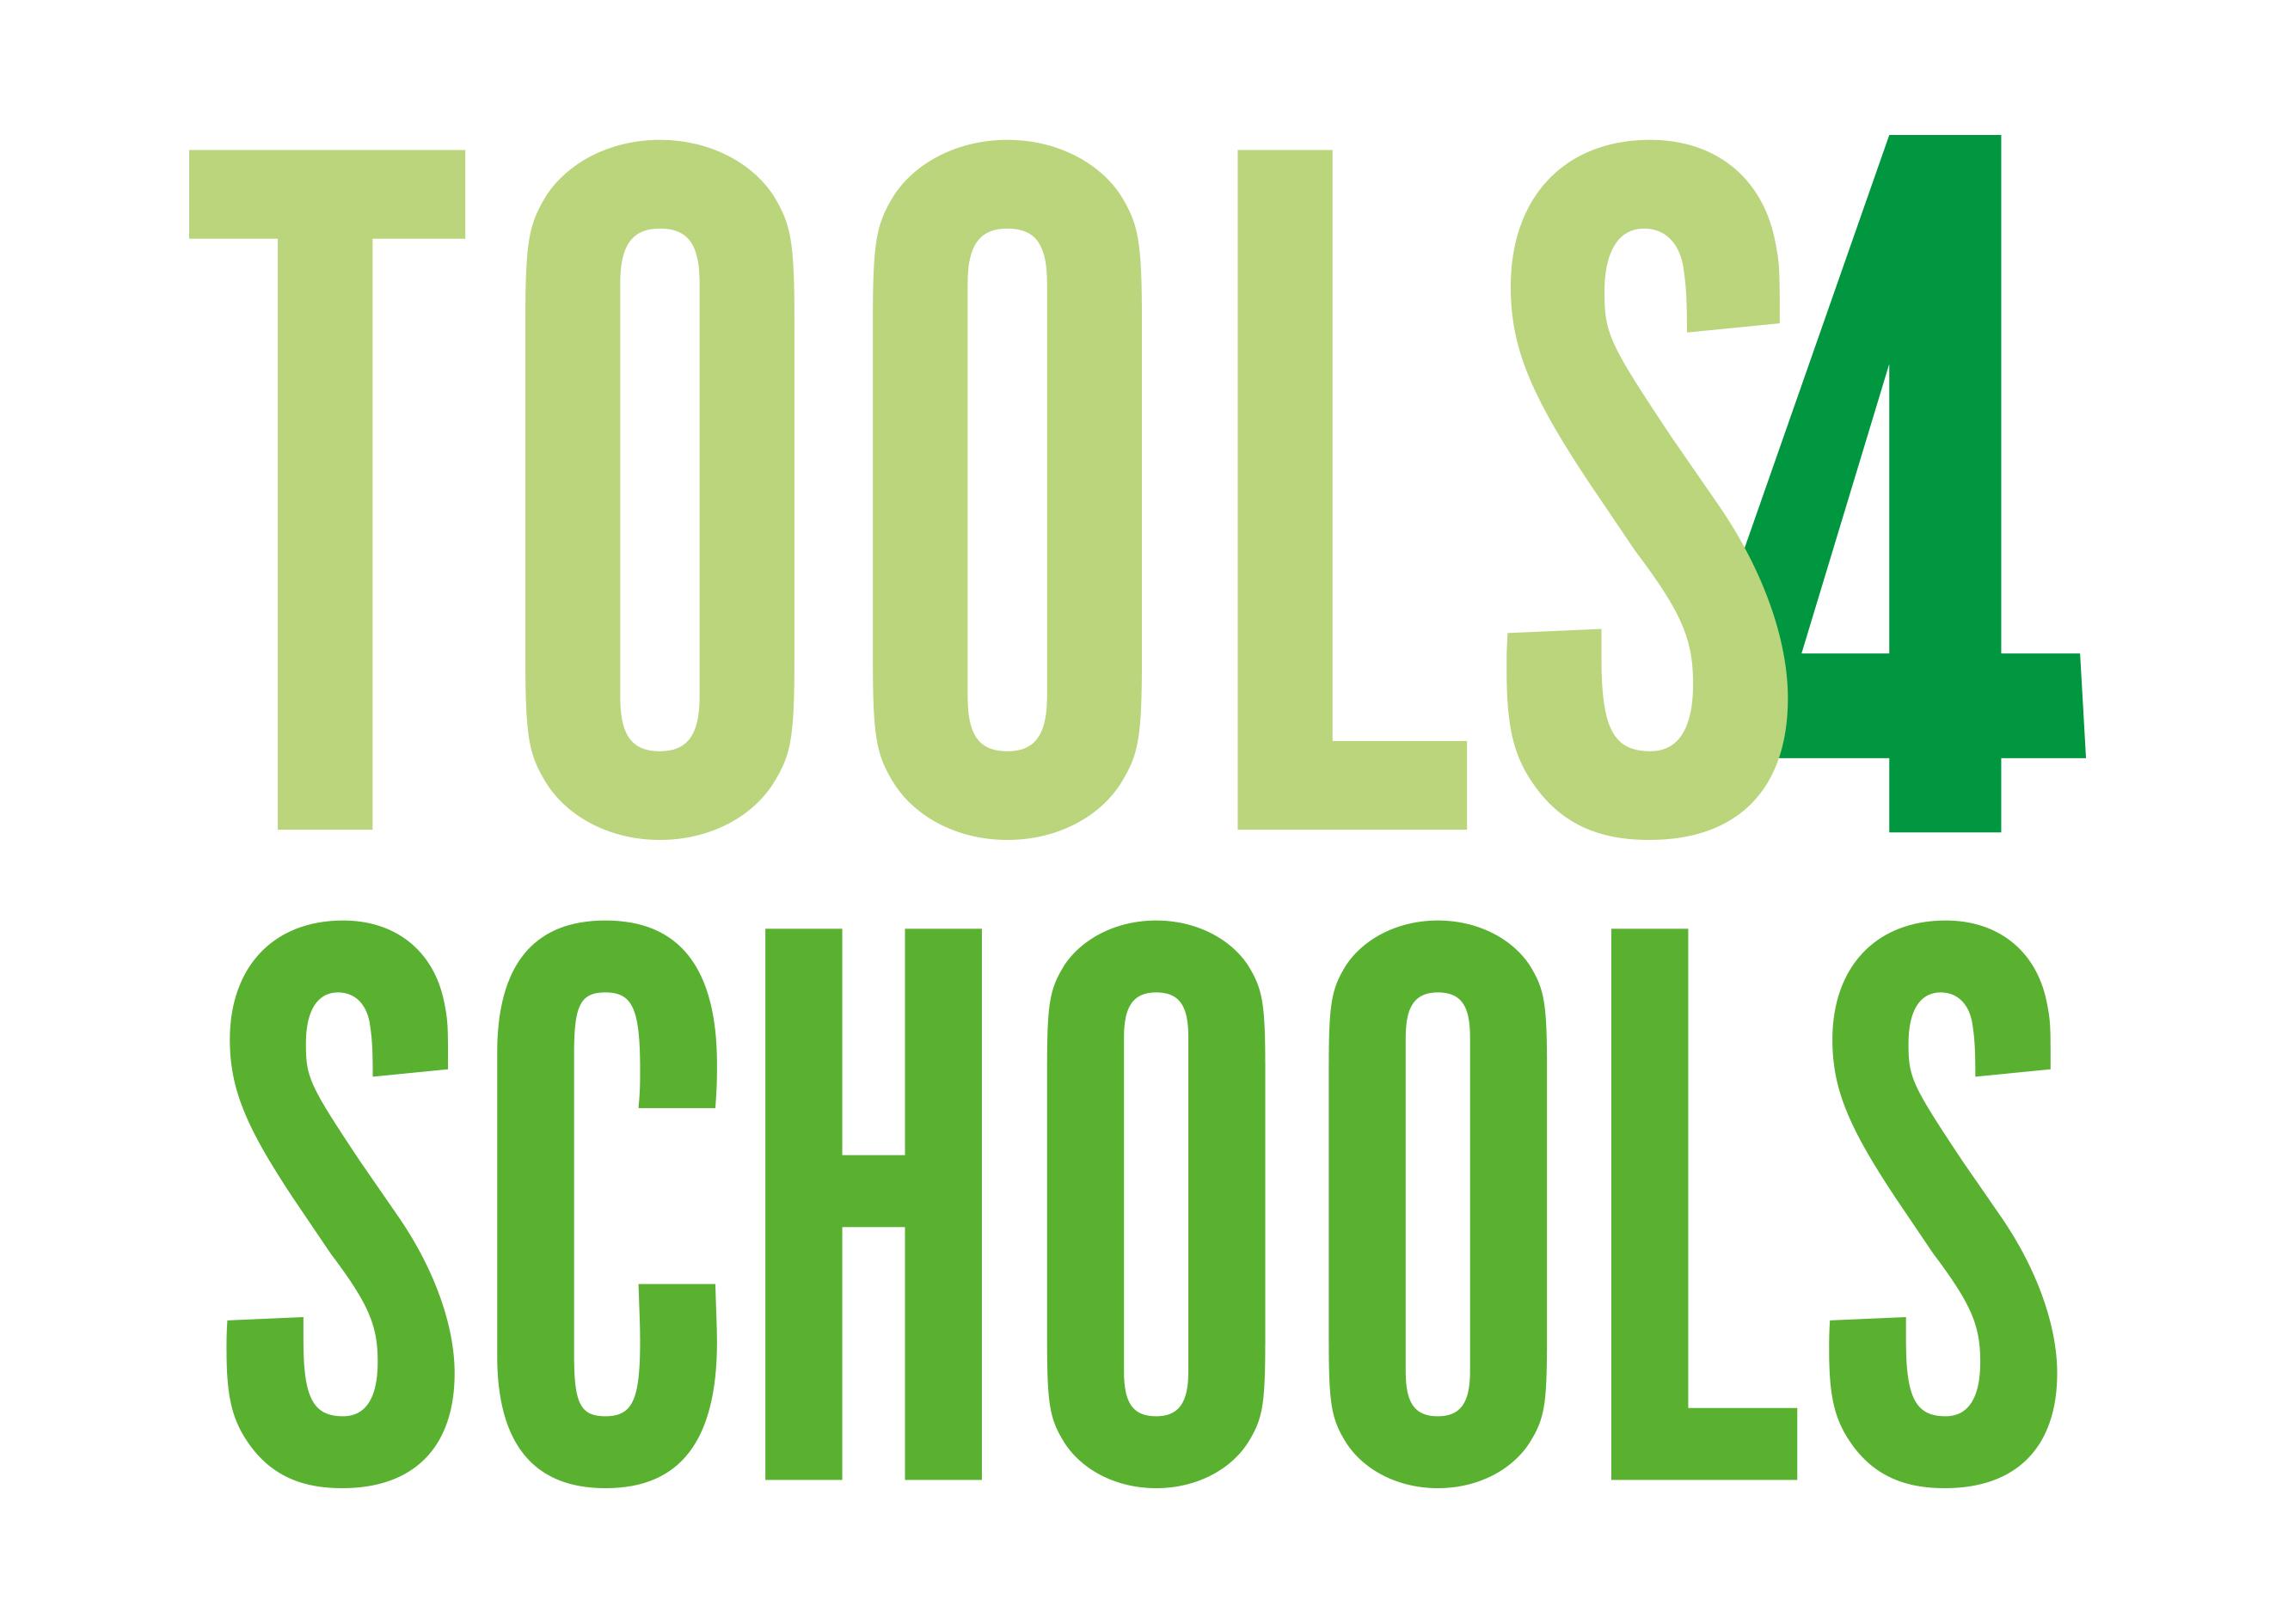 logo Tools4schools